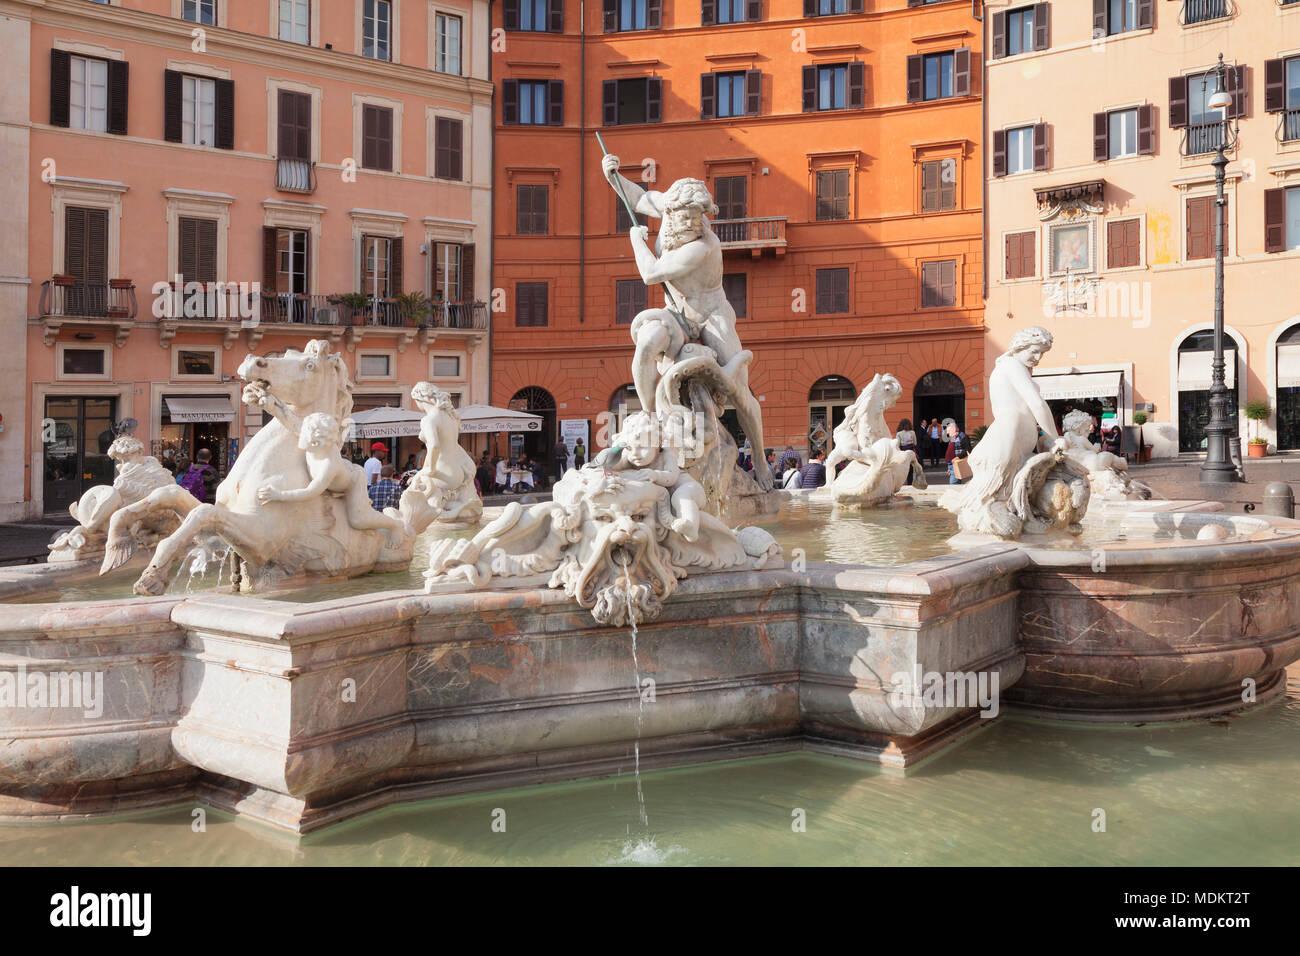 Fontana di Nettuno, la Fontana del Nettuno, Piazza Navona, Roma, lazio, Italy Immagini Stock